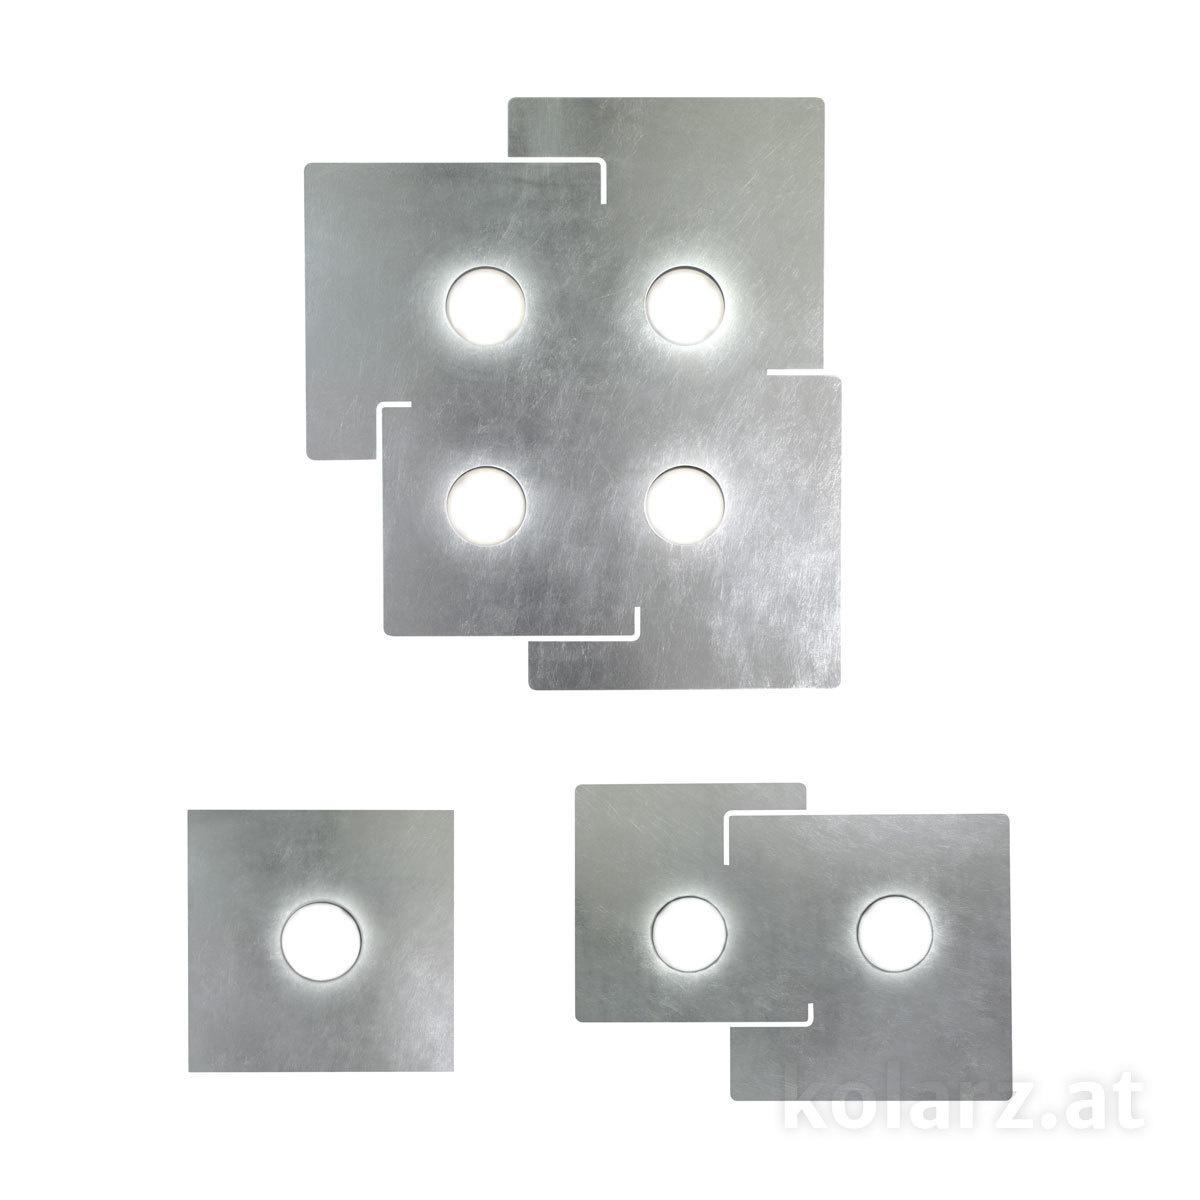 A1337-14-1-Ag-f2.jpg